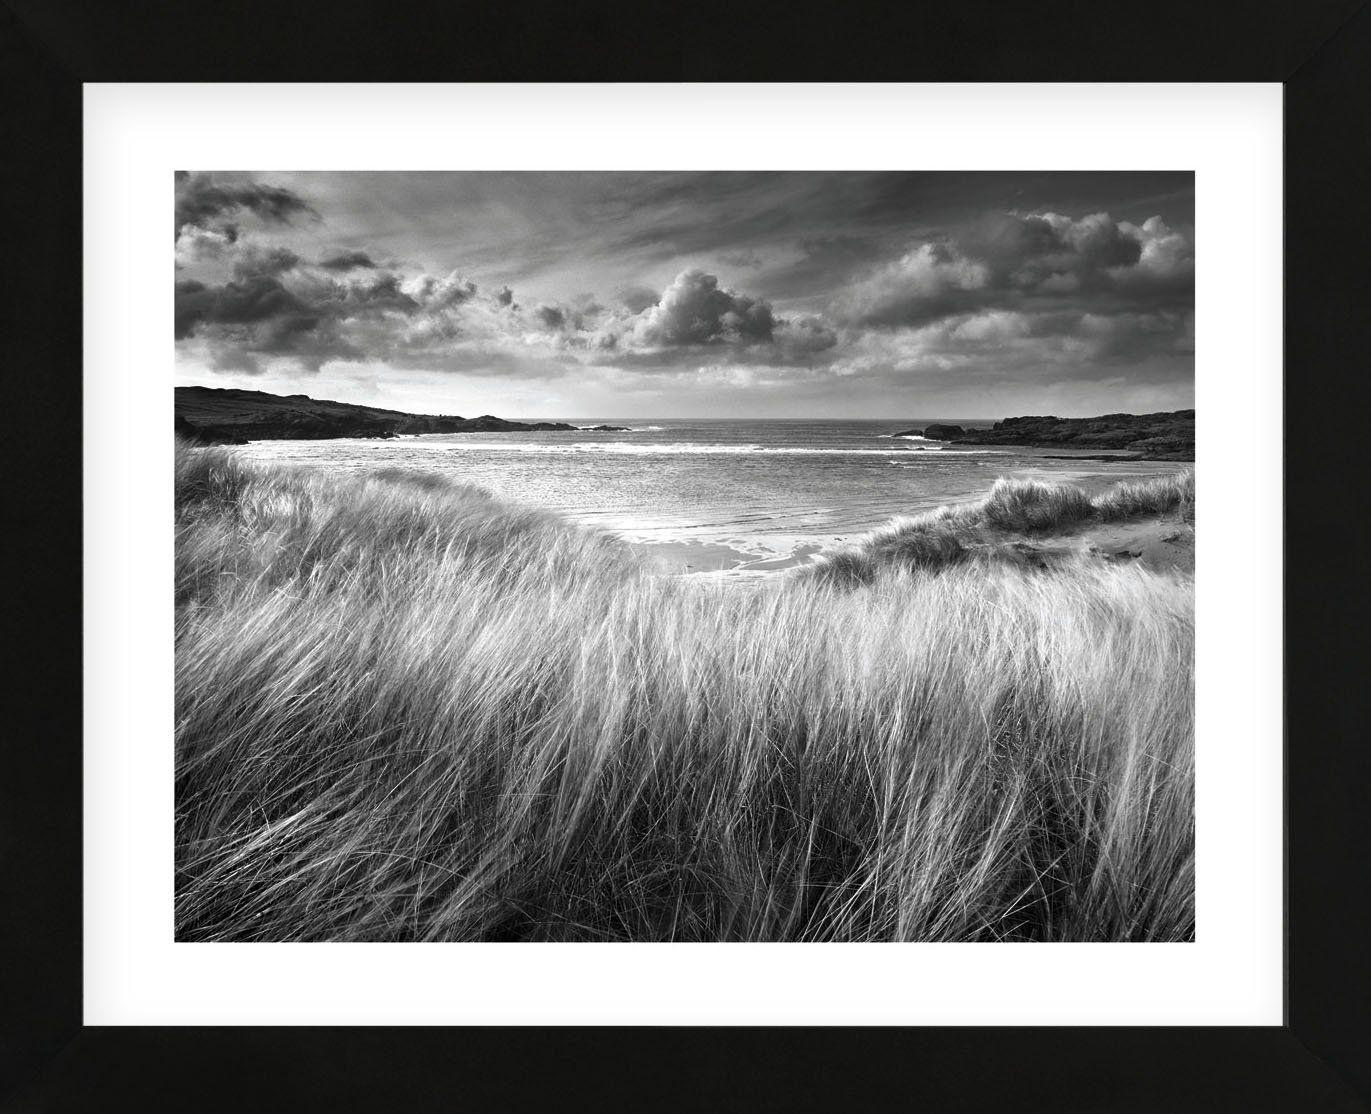 Sea Grass (Framed)